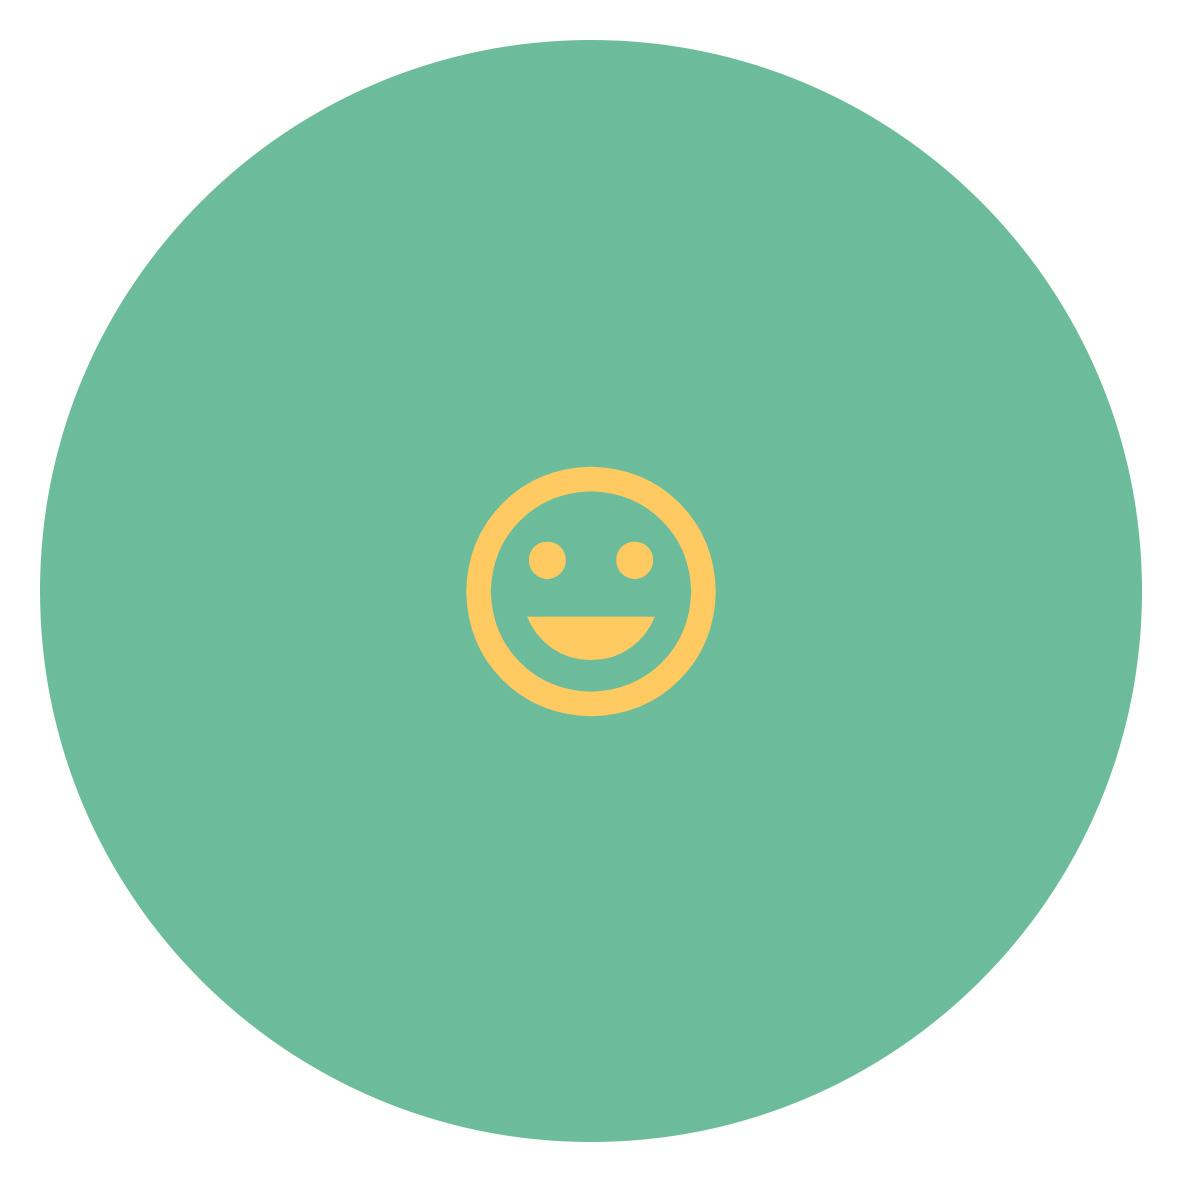 engelbaum-round-joy